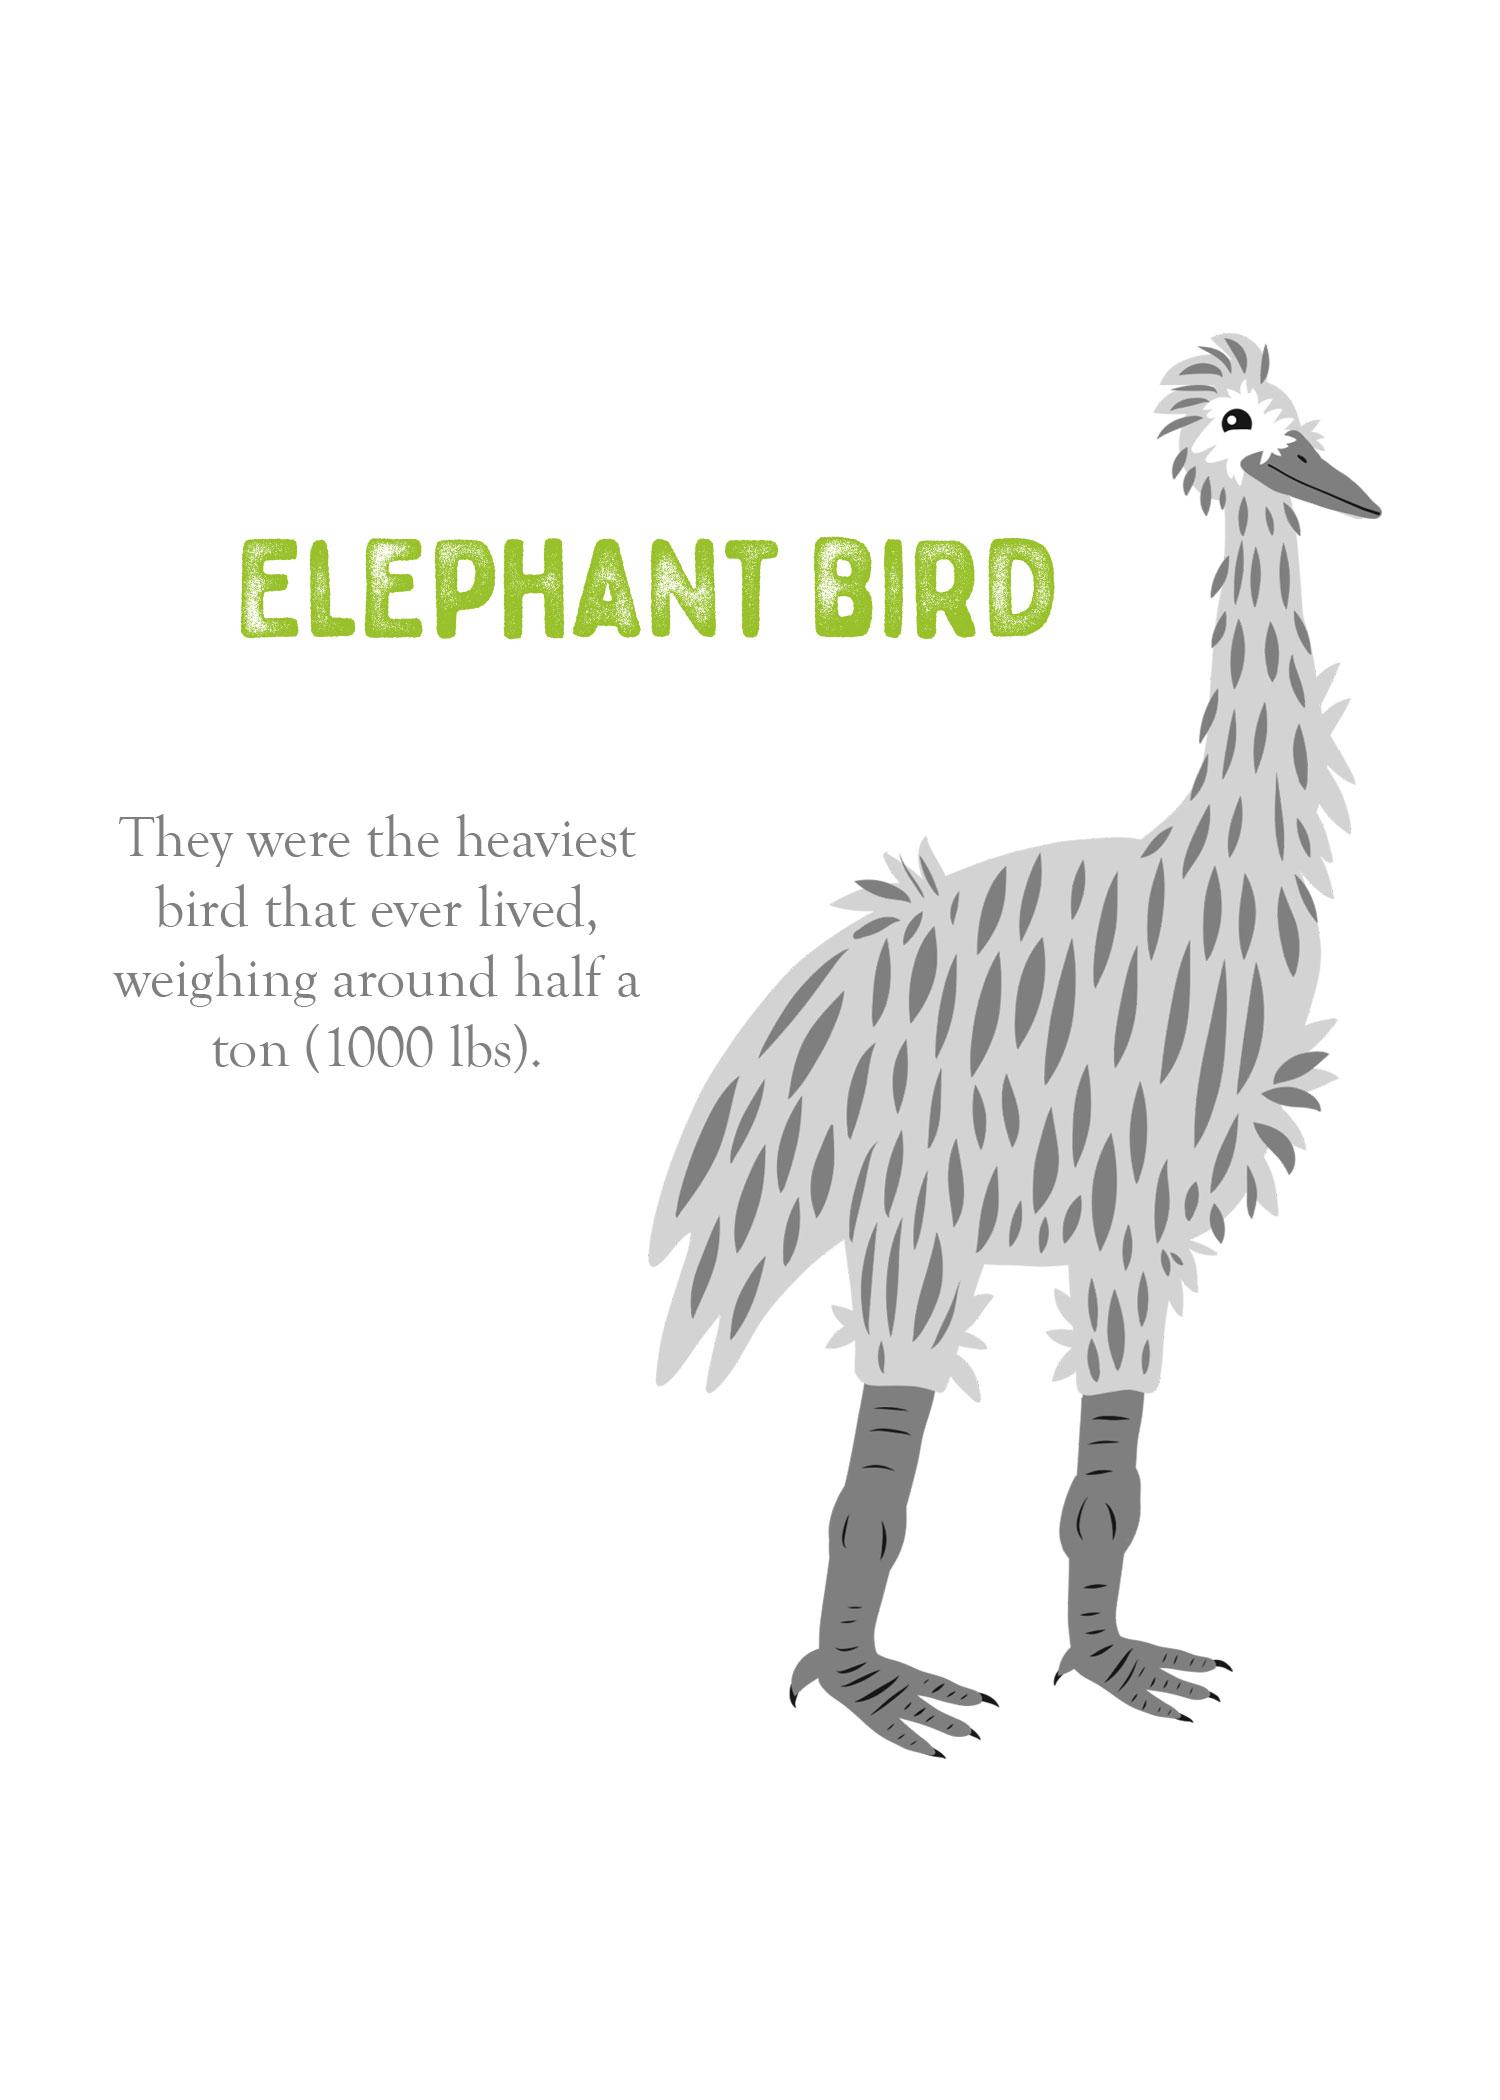 enml-elephantbird.jpg